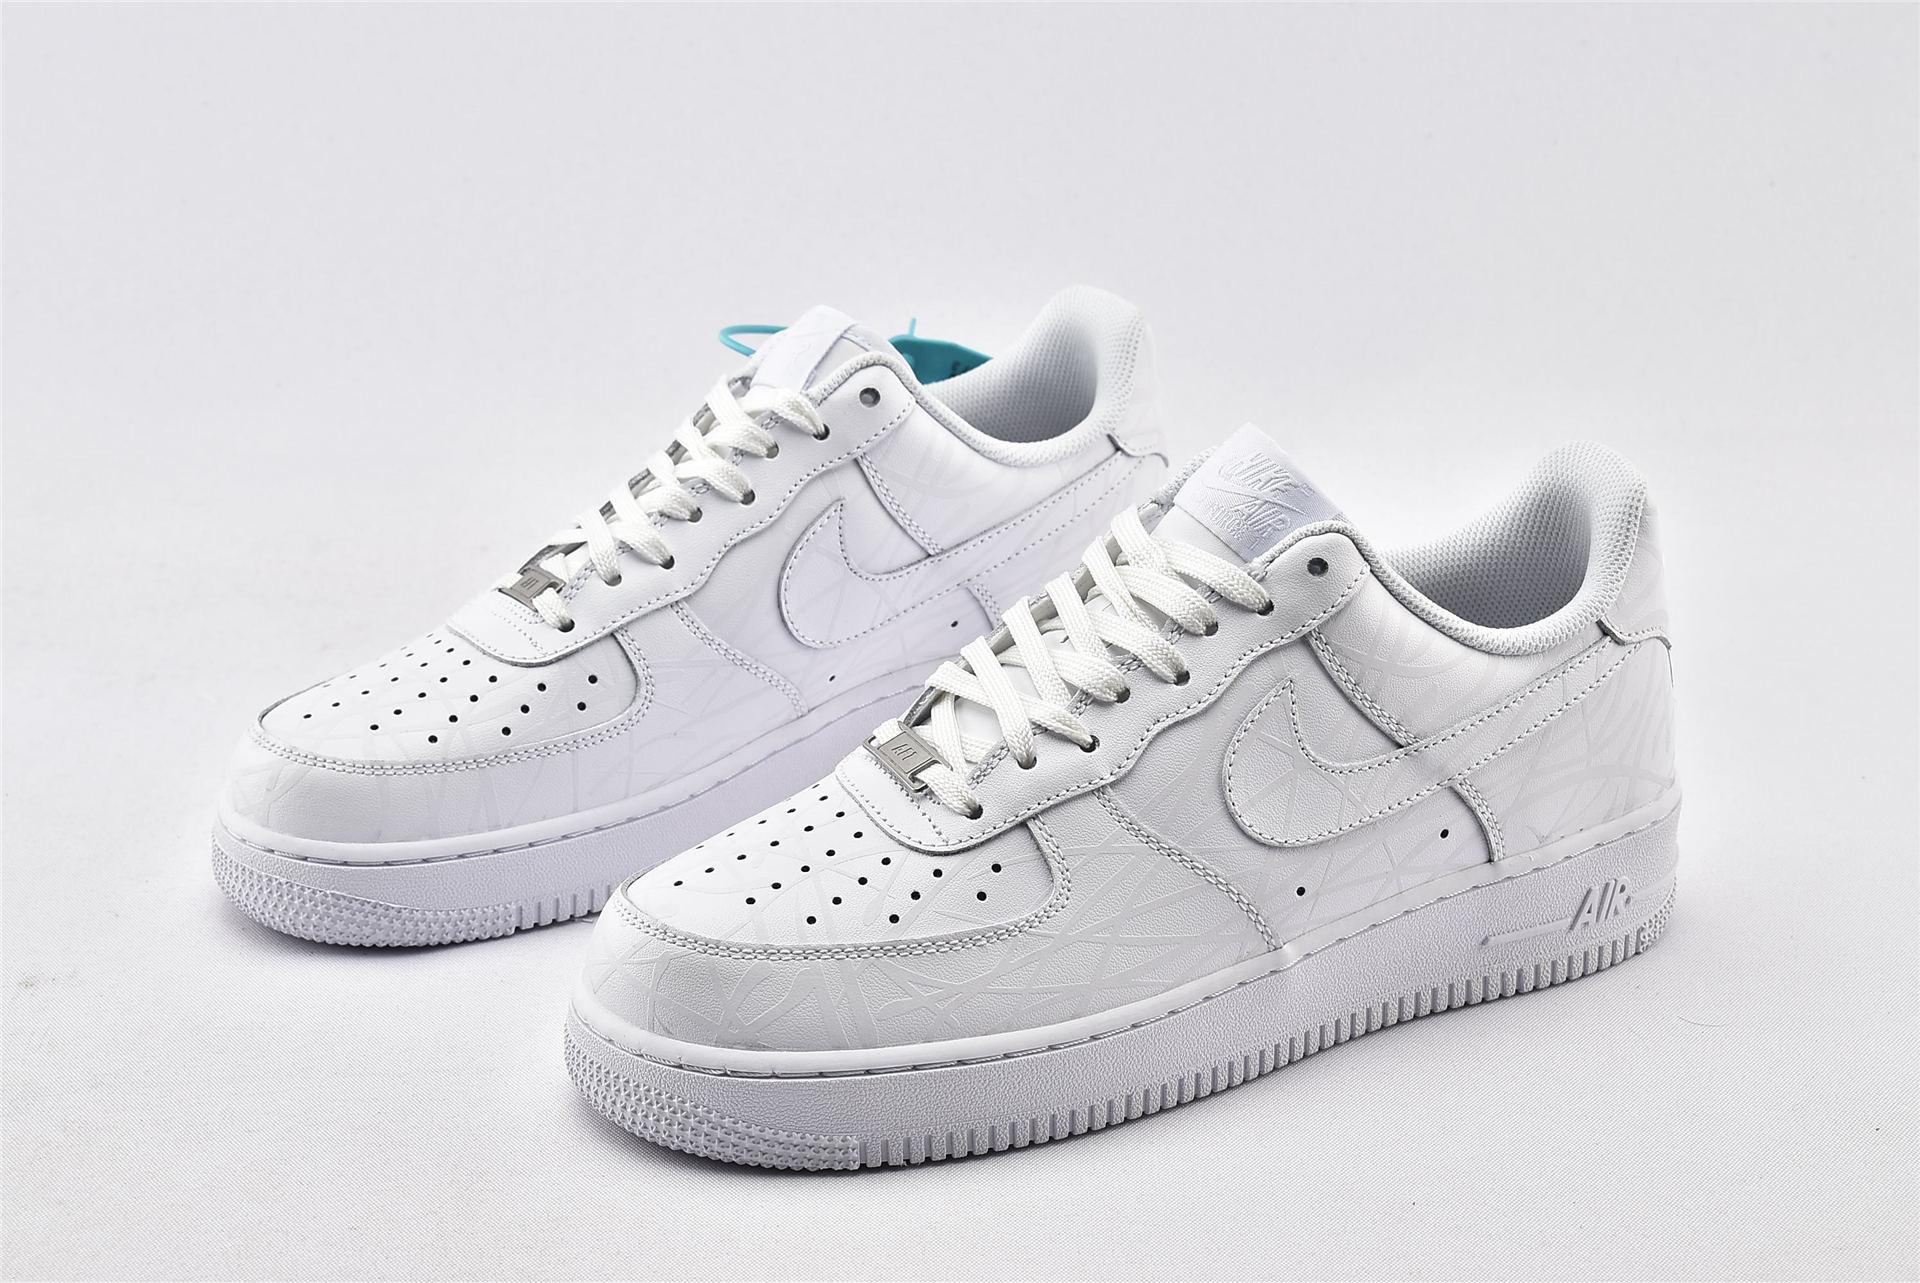 Nike Air Force 1 SUPREME 空军一号/全白 涂鸦  货号:N-0288  男女鞋  情侣款